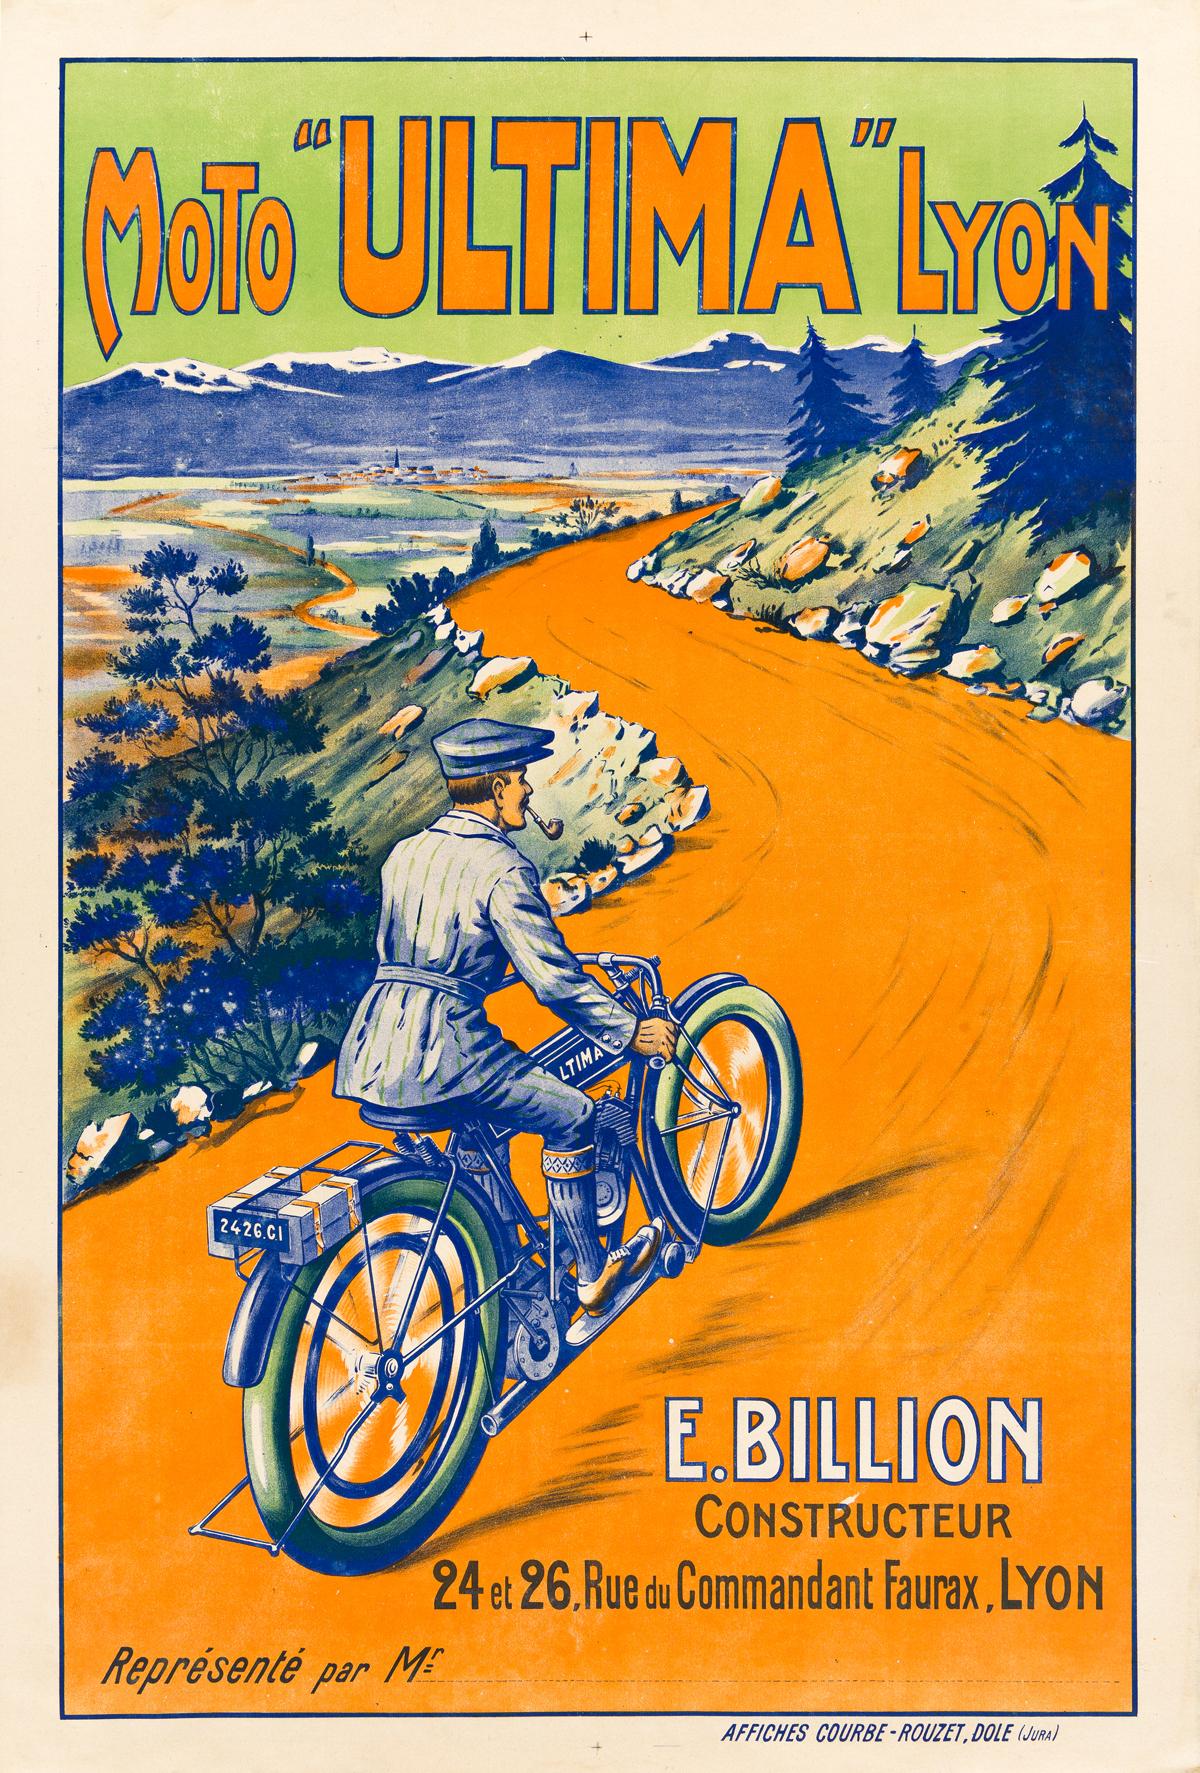 DESIGNER UNKNOWN.  MOTO ULTIMA LYON. 47x32 inches, 119x81 cm. Affiches Courbe-Rouzet, Jura.